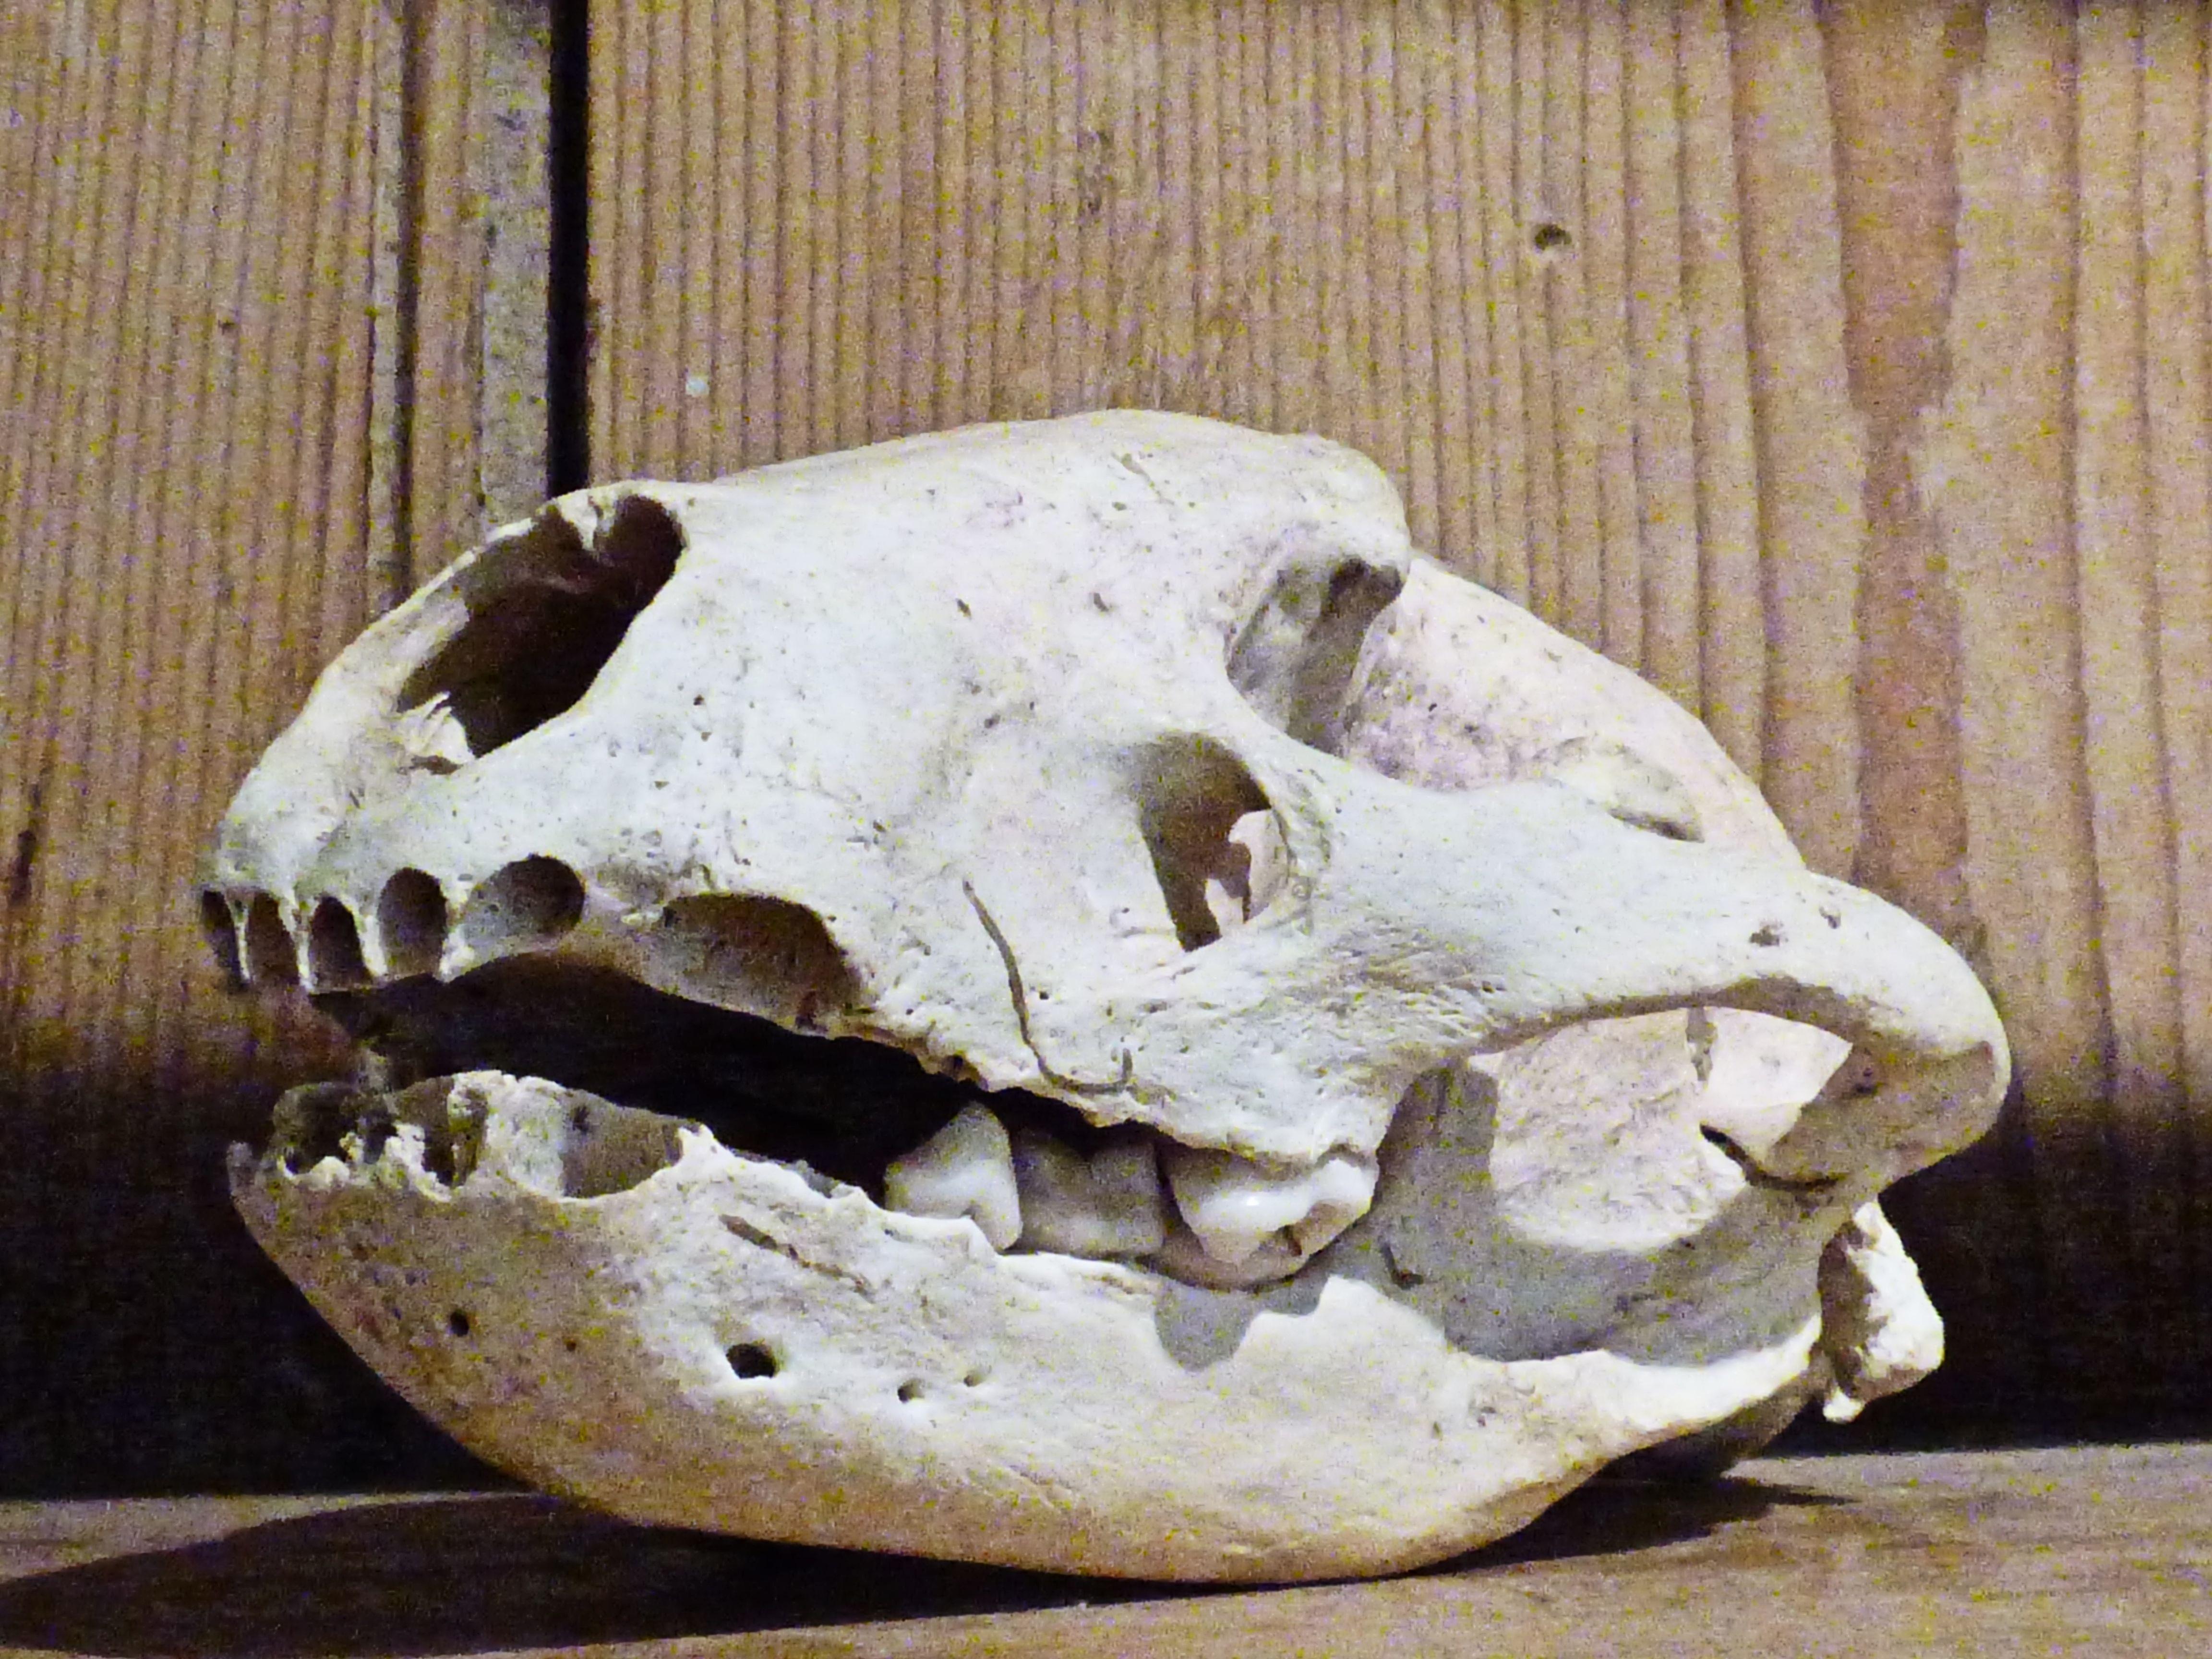 Kostenlose foto : Tier, Tierwelt, natürlich, tot, Schädel, Knochen ...